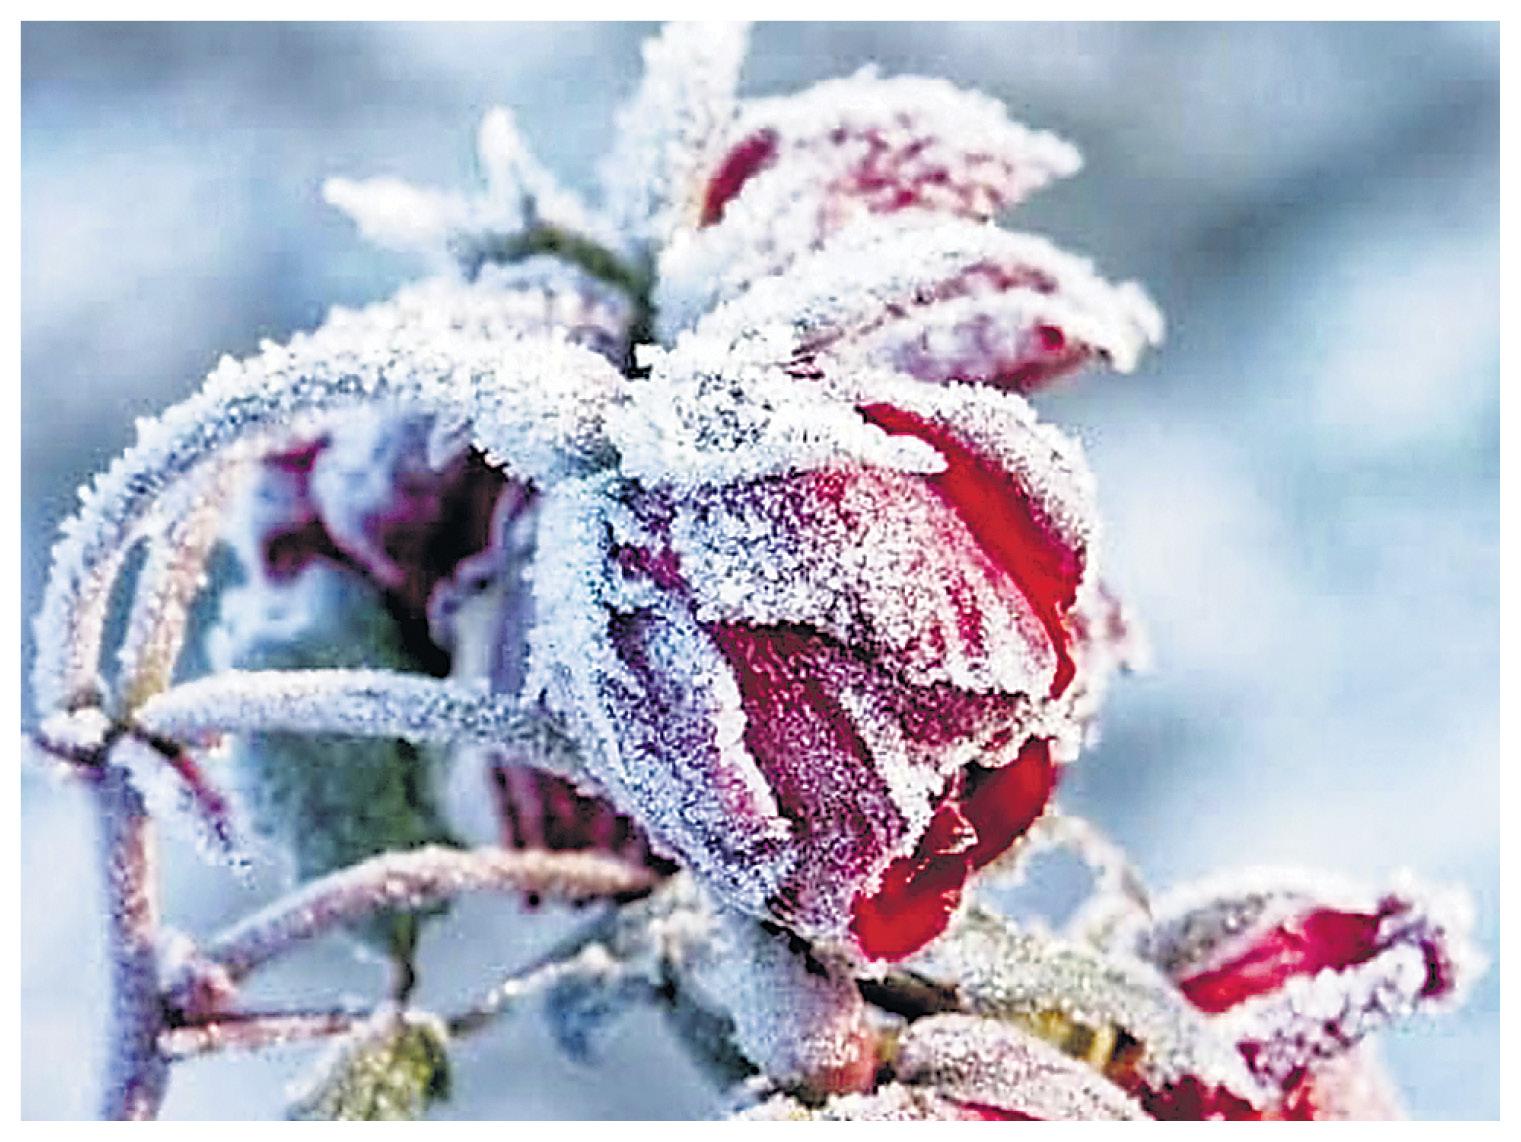 माउंट आबू में फूल पर जमी बर्फ।